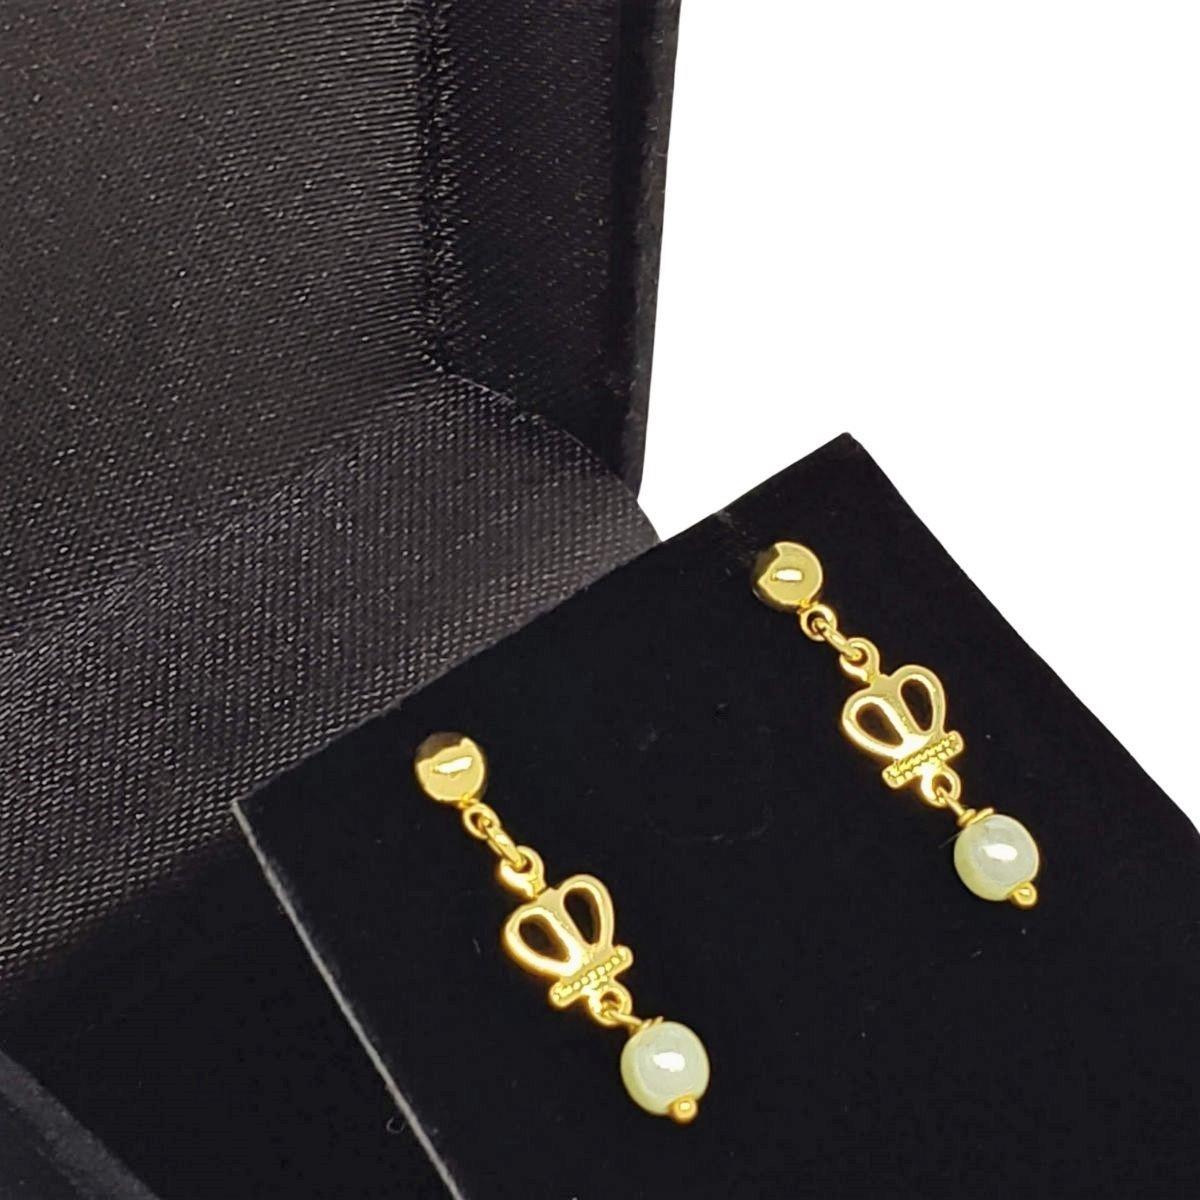 Brincos Pérola E Coroa Banho De Ouro 18k 1405